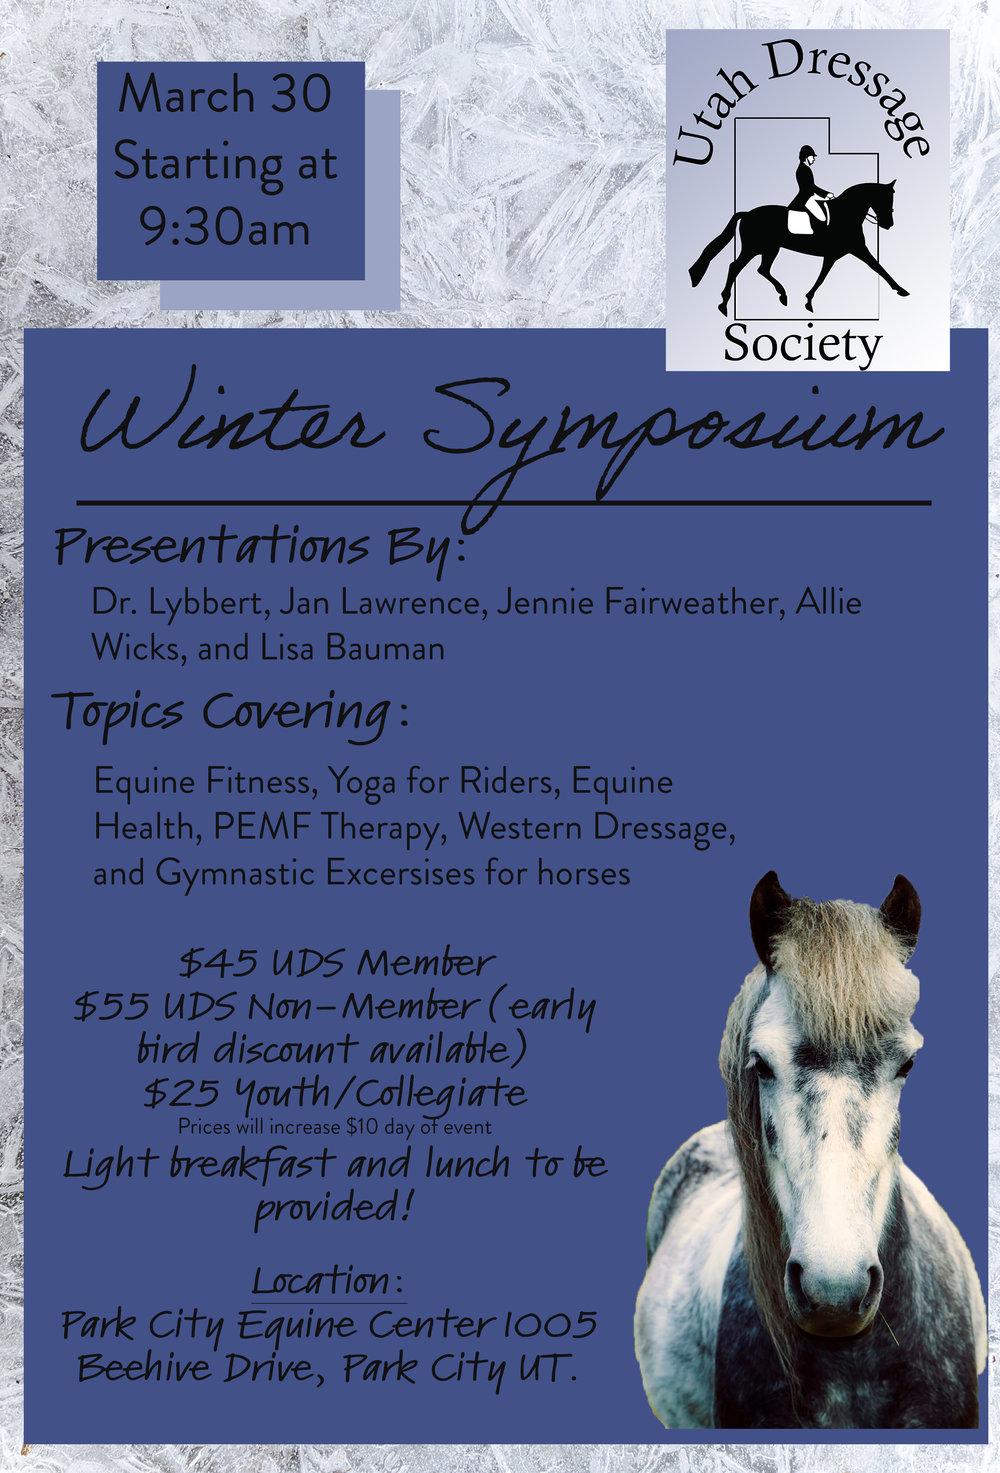 omnibus symposium ad 3.jpg